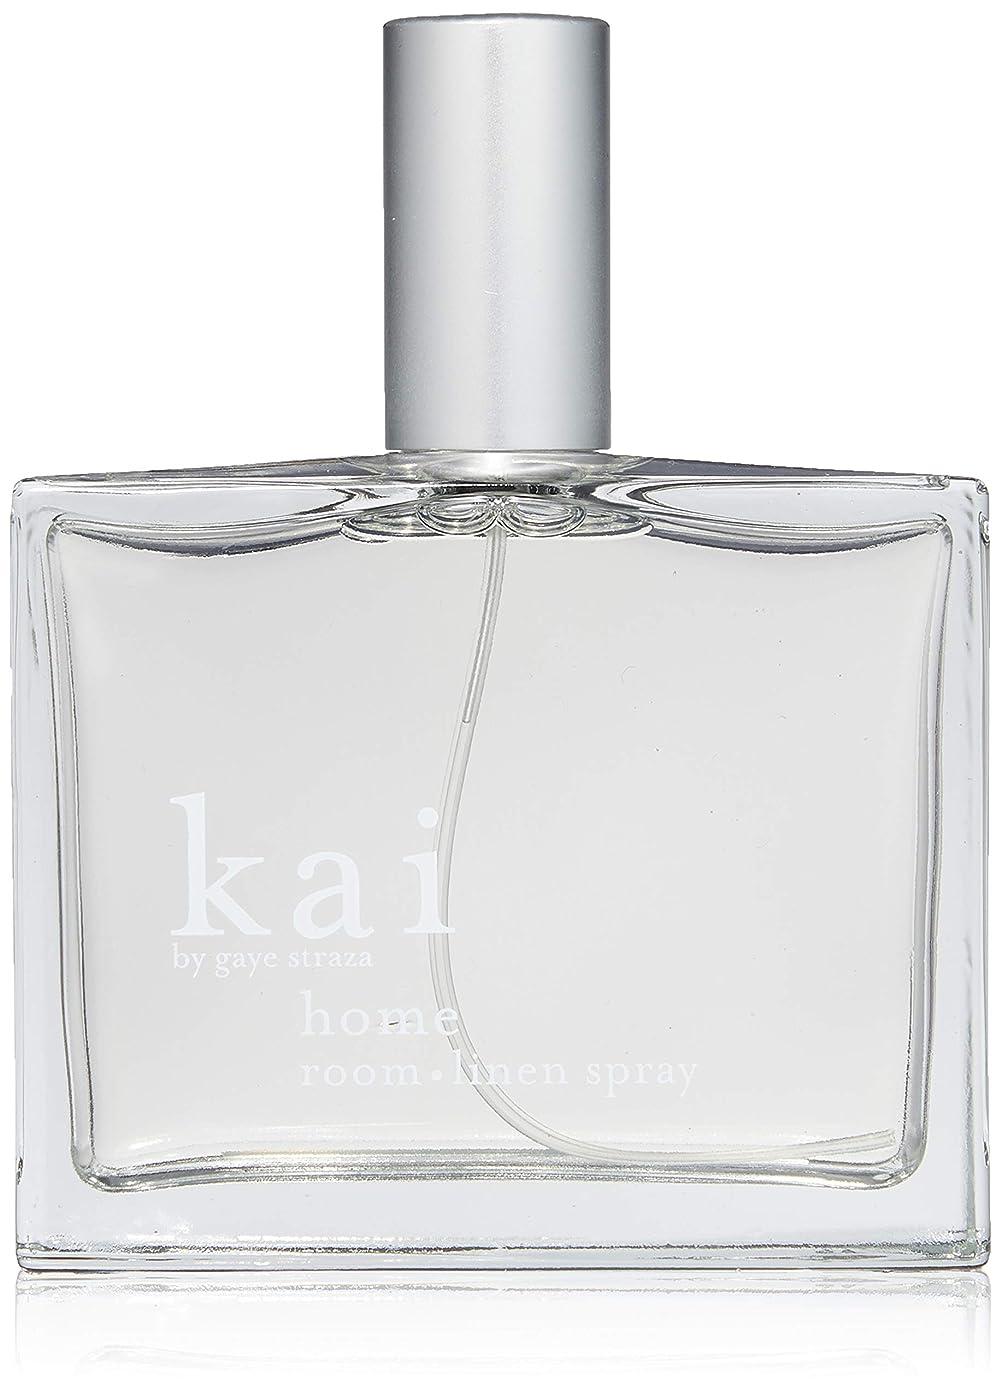 精神一生セクタkai fragrance(カイ フレグランス) ルームリネンスプレー 100ml